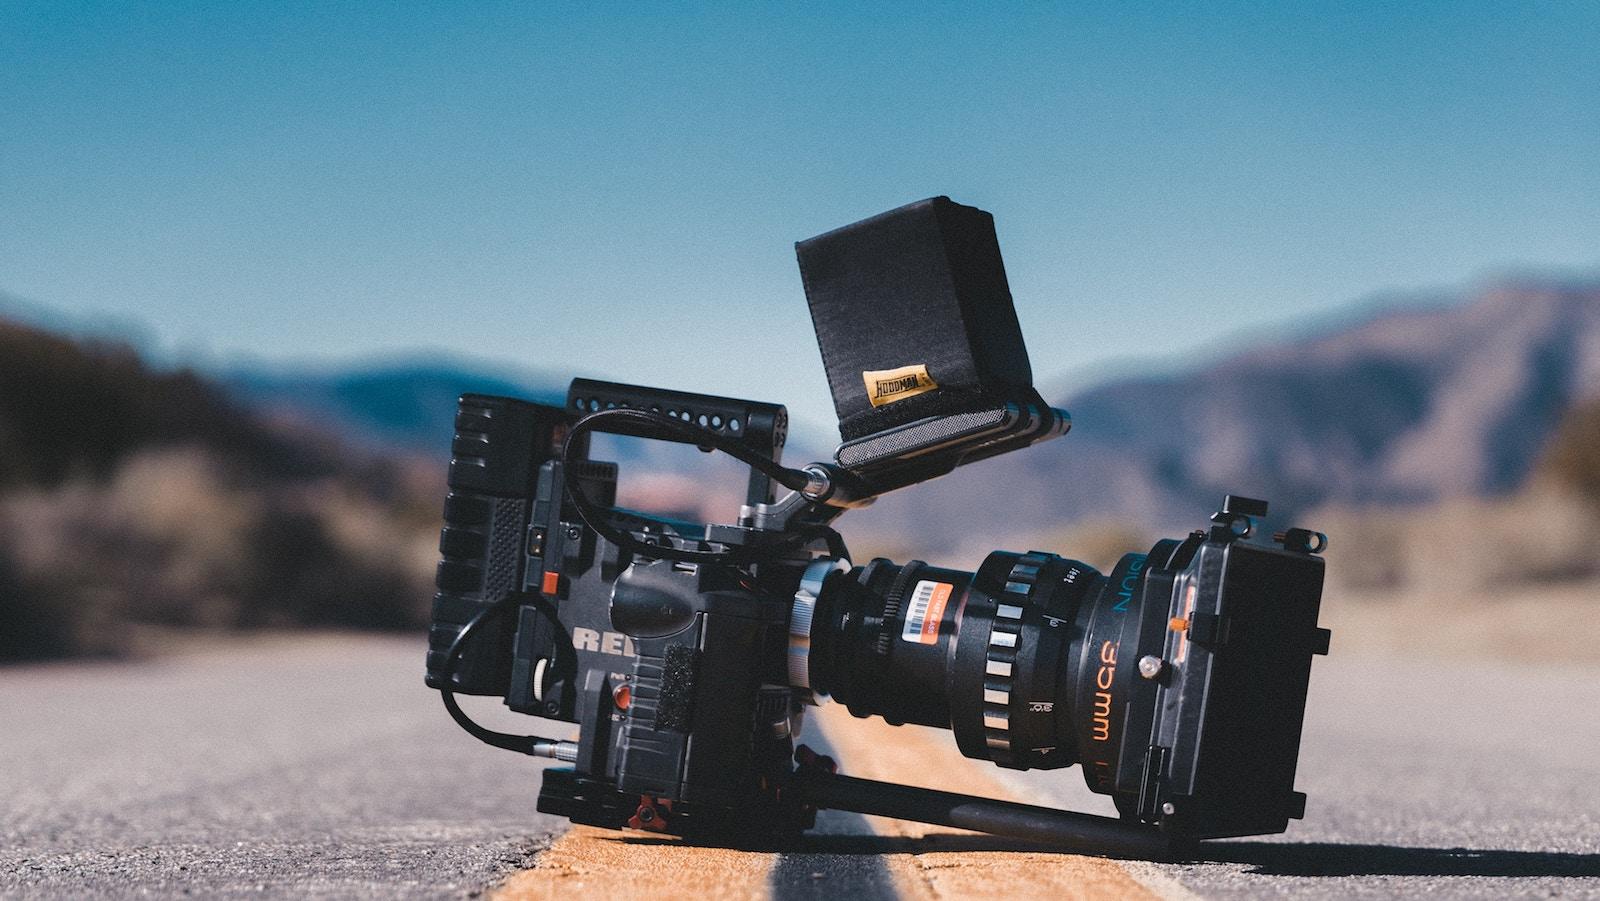 «1+1 media» nadavatyme videokontent dlja Megogo, Kyivstar ta lifecell